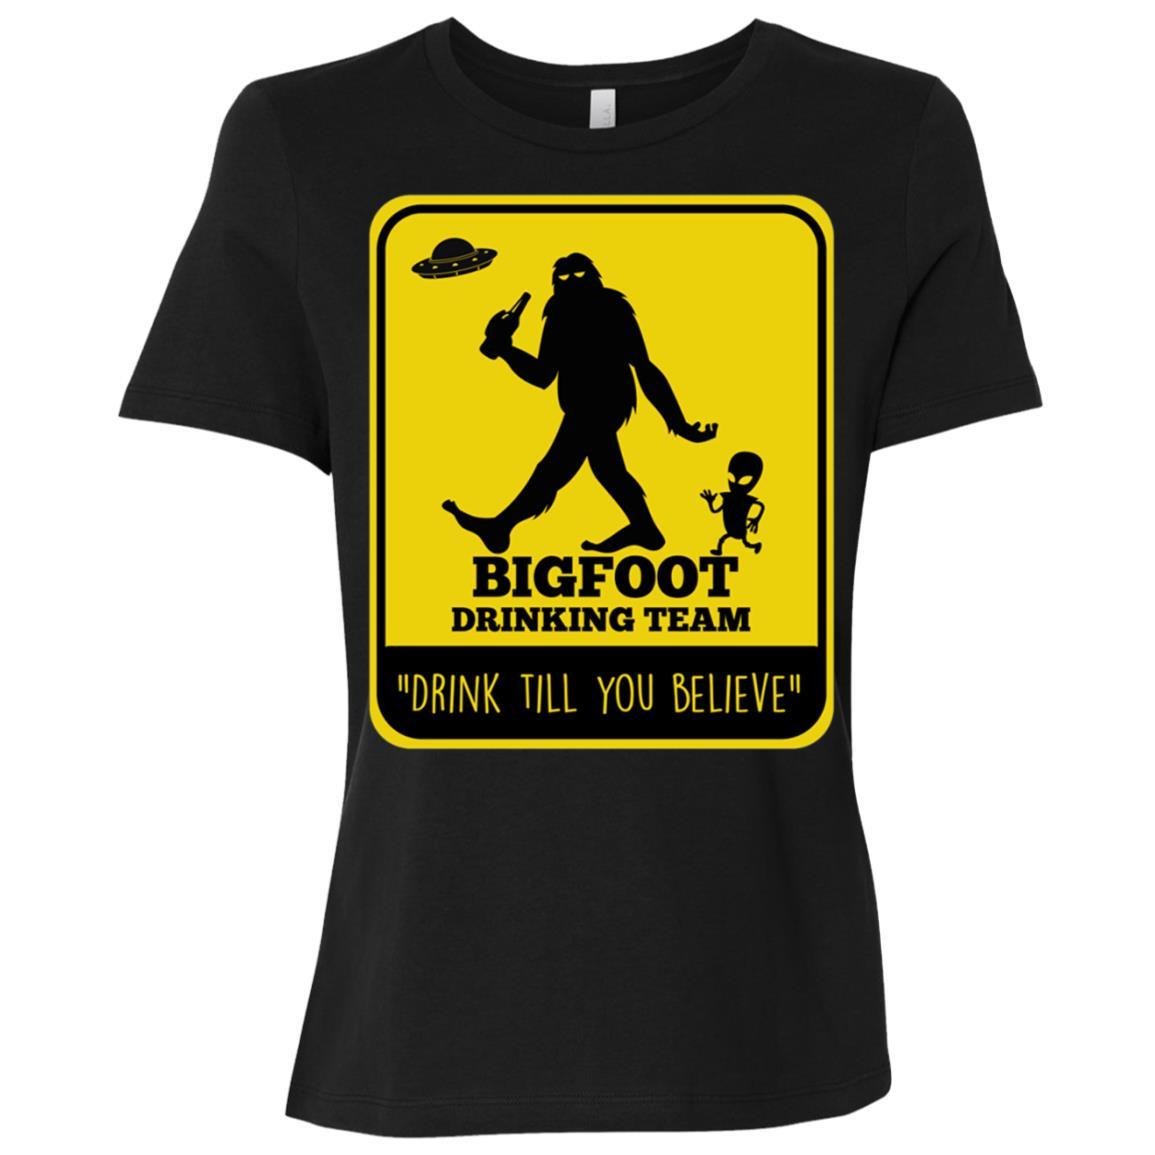 Bigfoot & UFO Alien Spacecraft Drinking Beer Tee Women Short Sleeve T-Shirt